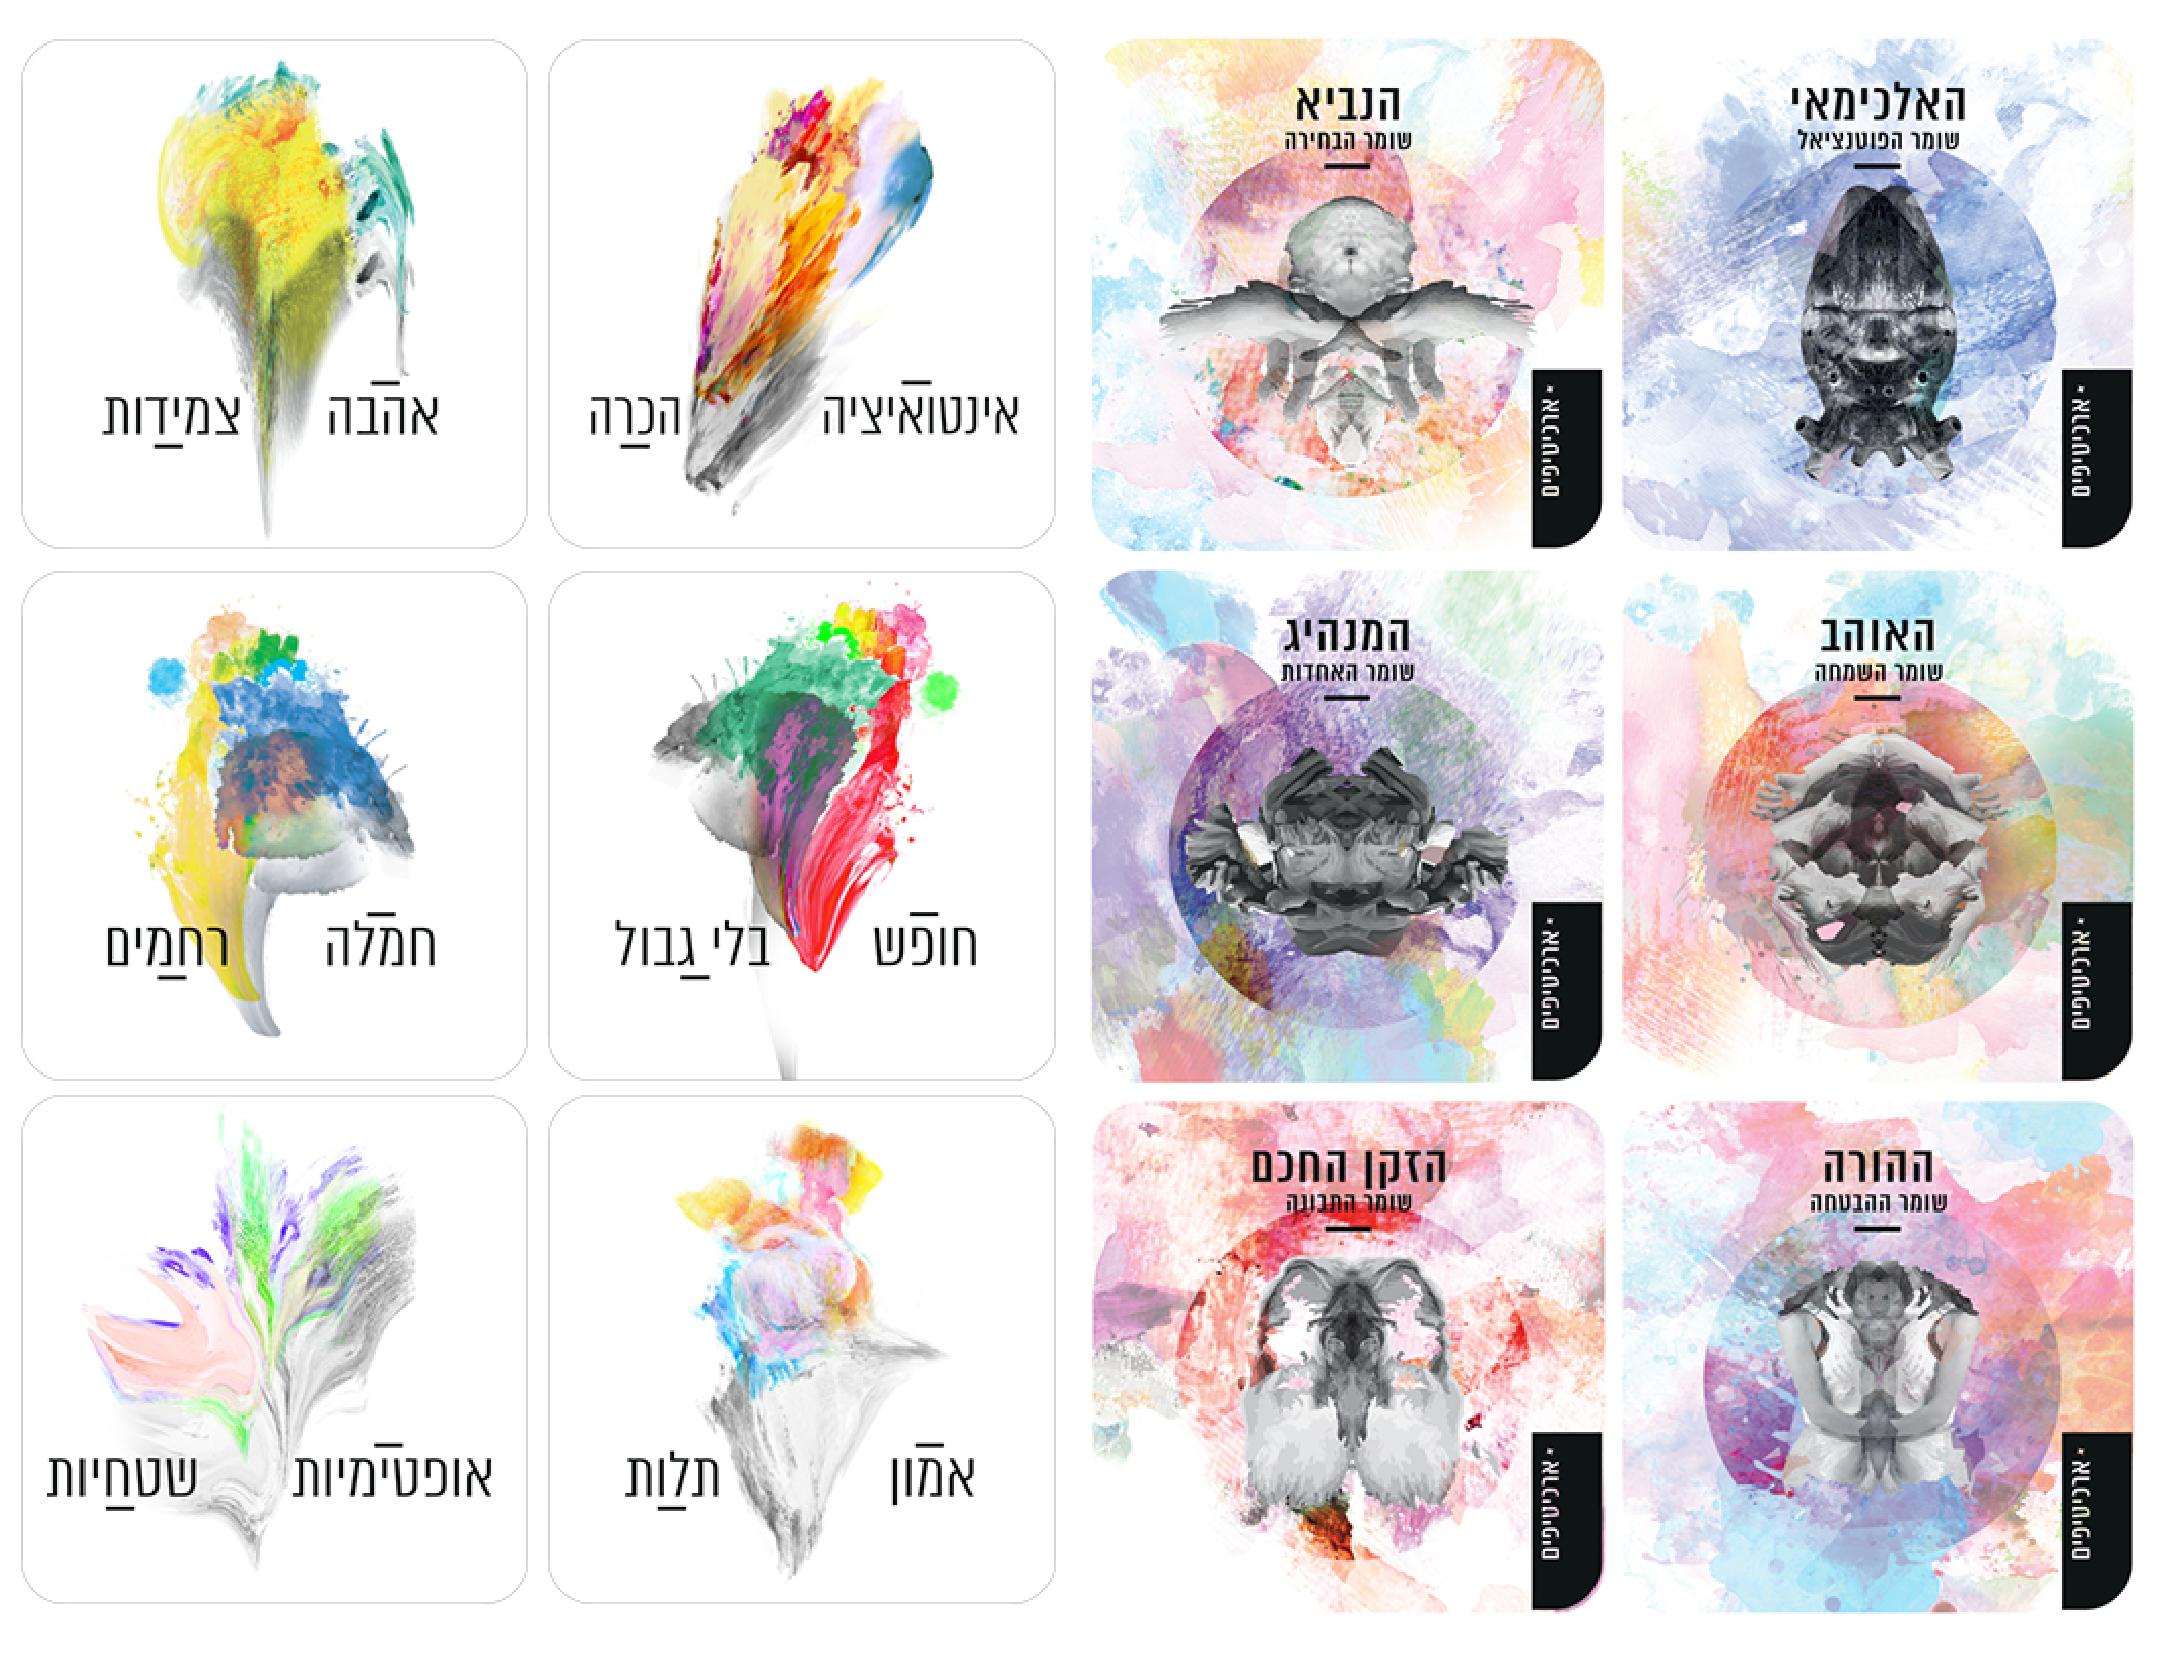 מיתוג | creative | פיתוח שפה מיתוגית | עיצוב אריזות | Packaging | עיצוב אריזות | NotFromHere